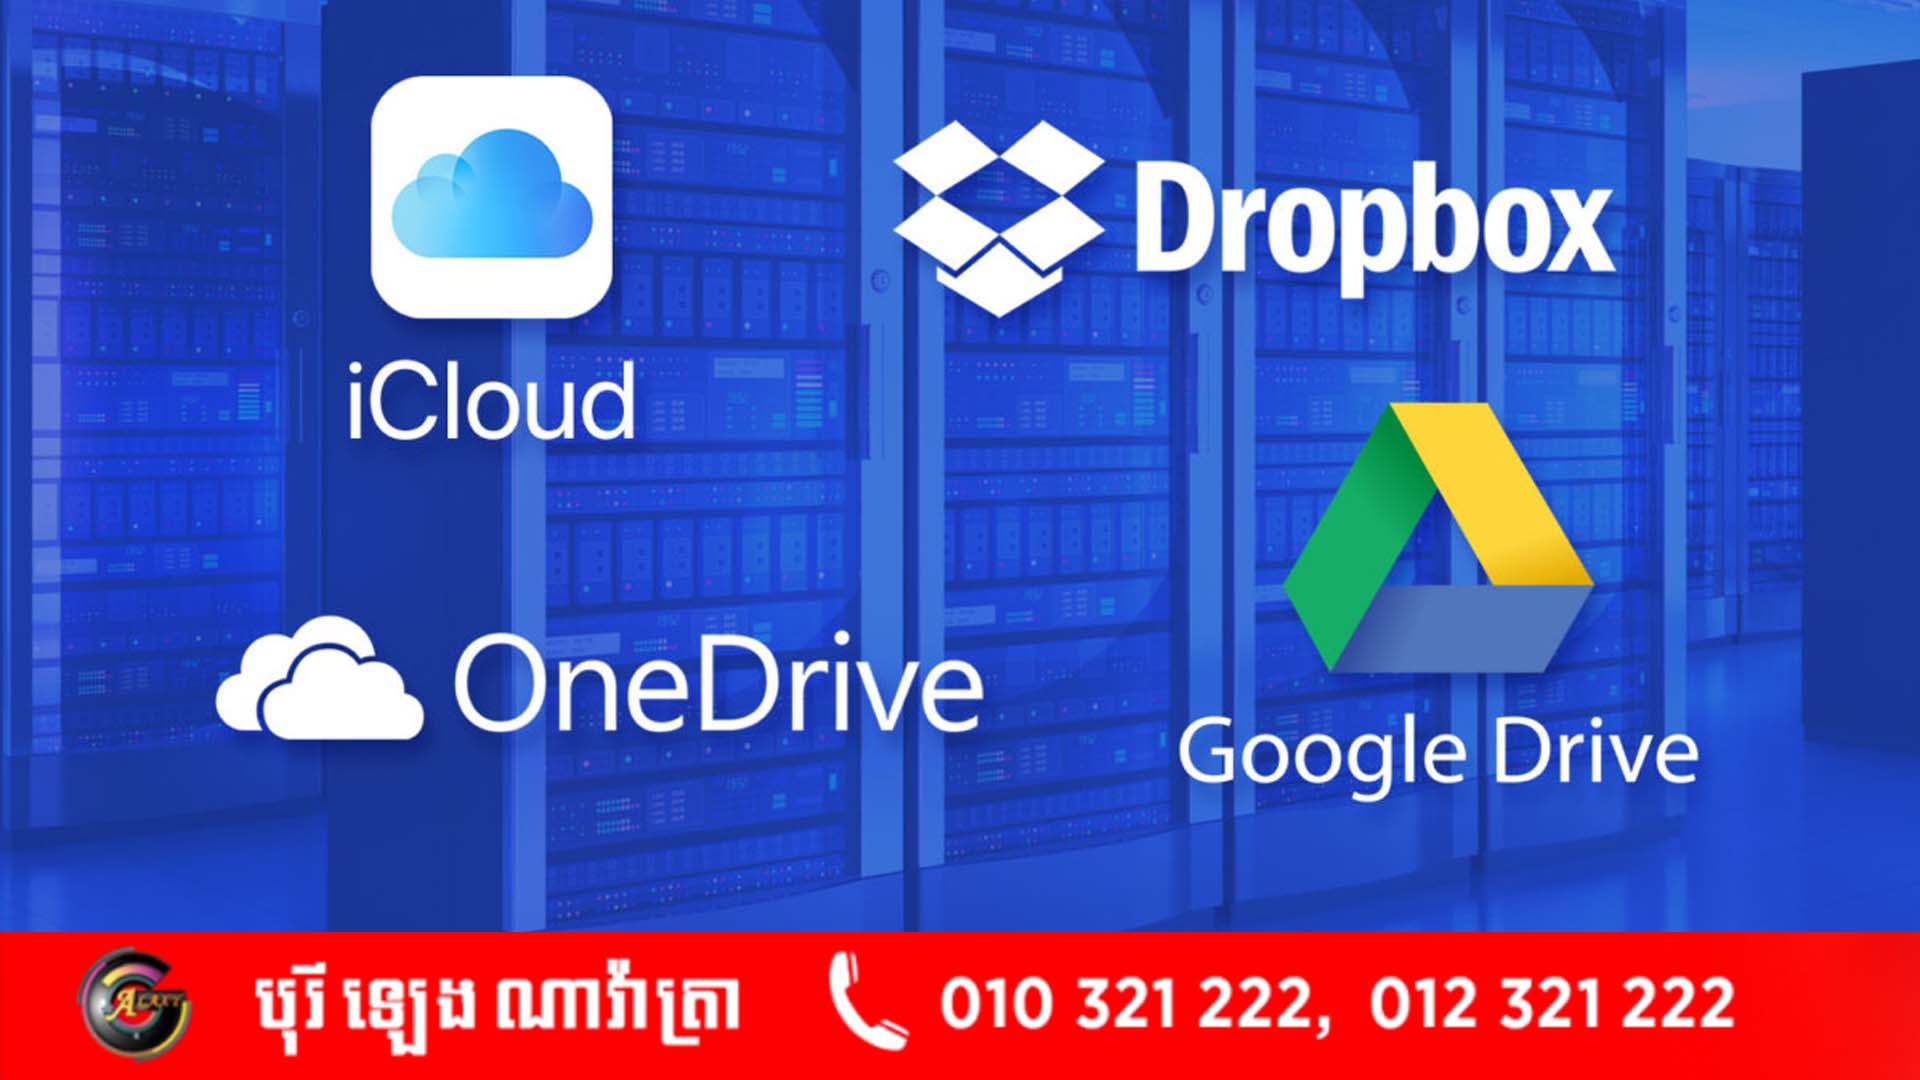 ងាយស្រួល! មុខងារថ្មីរបស់ iCloud អាចឱ្យអ្នកប្រើប្រាស់ផ្ទេរទិន្នន័យទៅ Google Drive